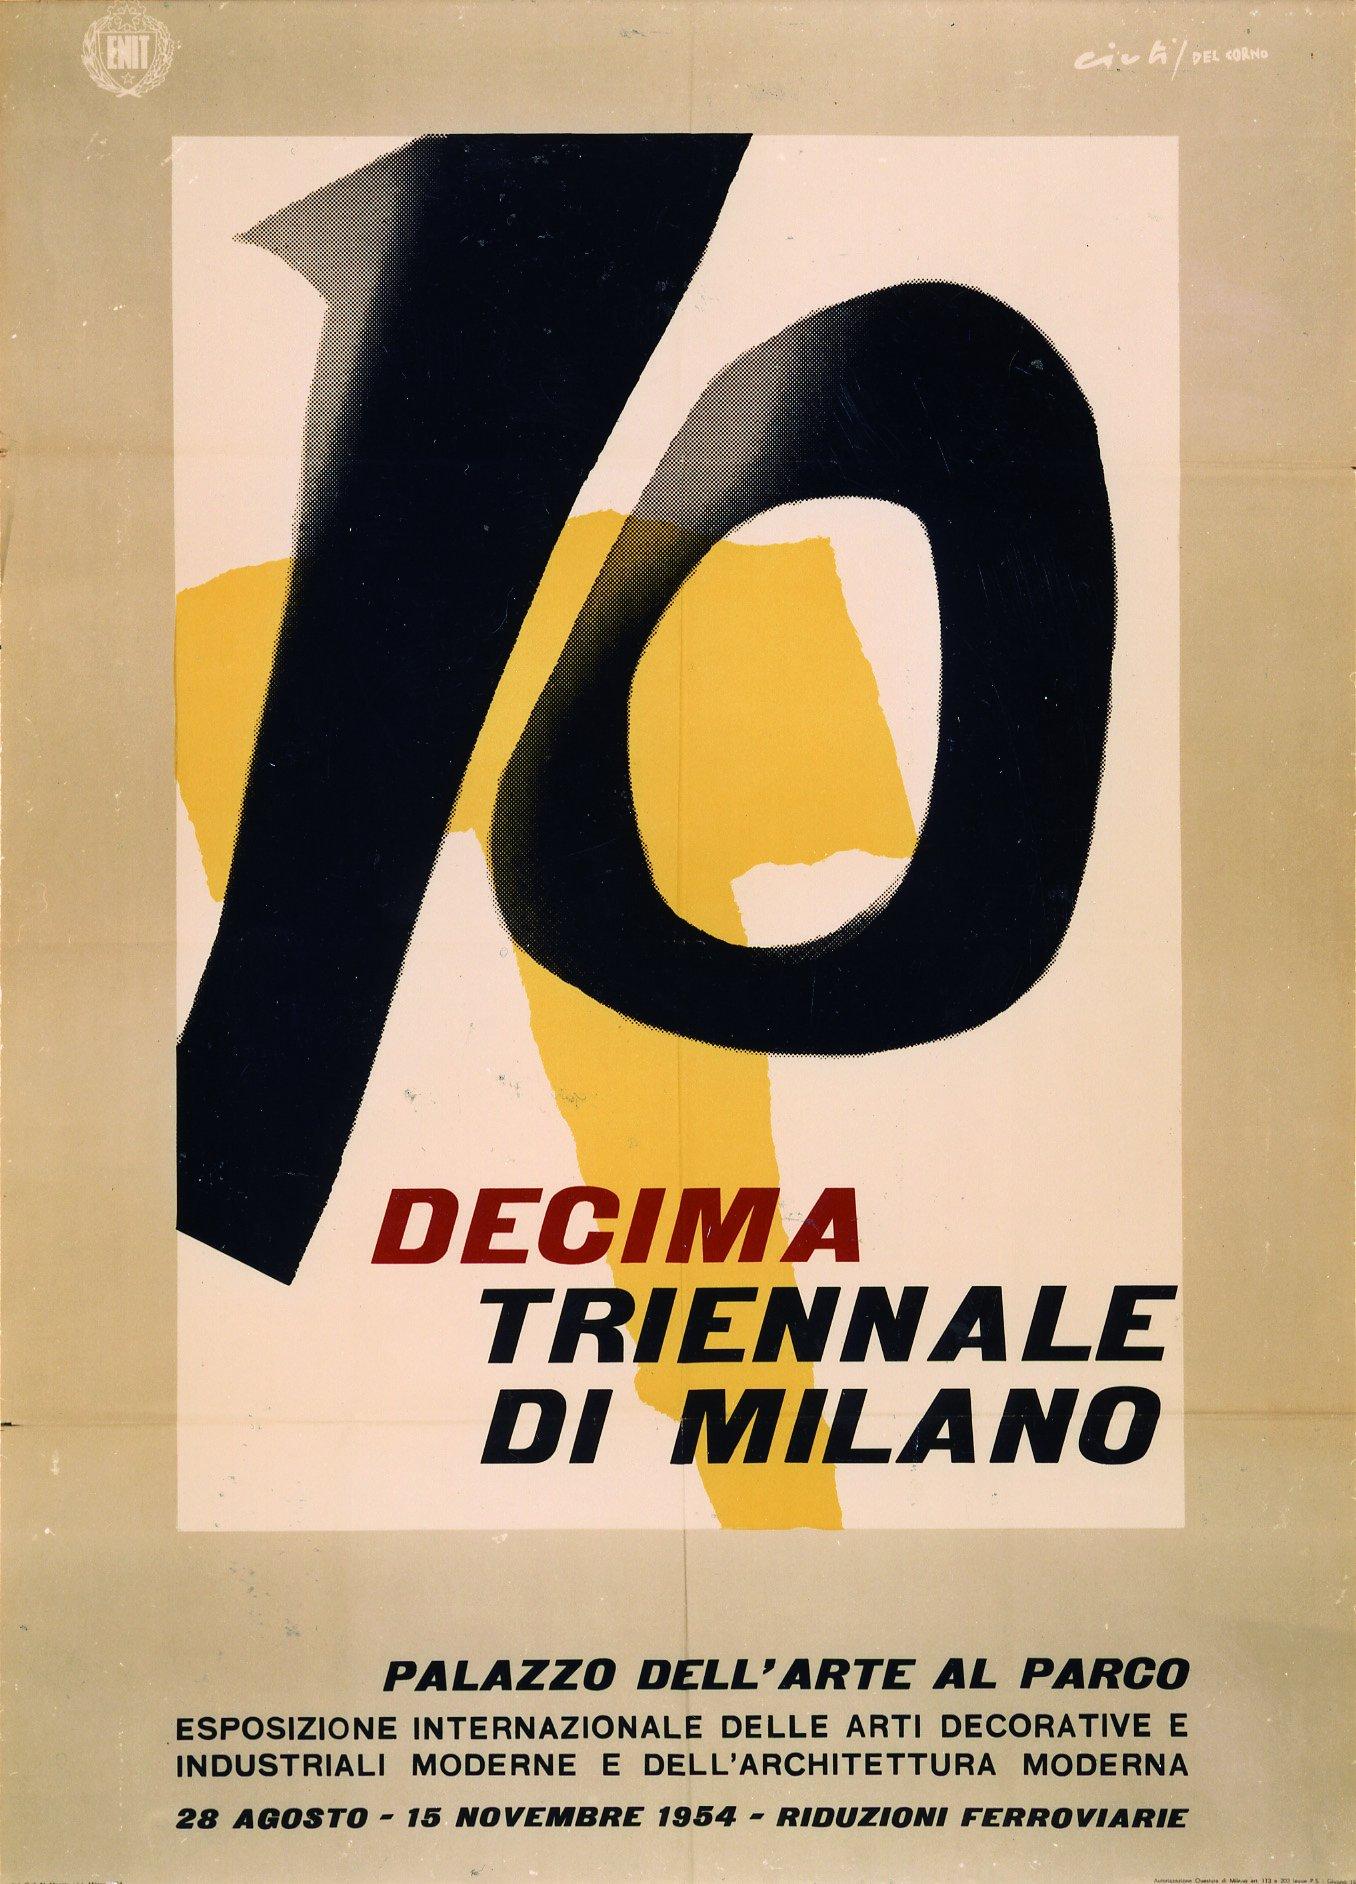 - 10 Il 2 Apr torna l'Esposizione Internazionale della Triennale di Milano! [Manifesto della XI Triennale, 1954] https://t.co/LtwyFzTeyd